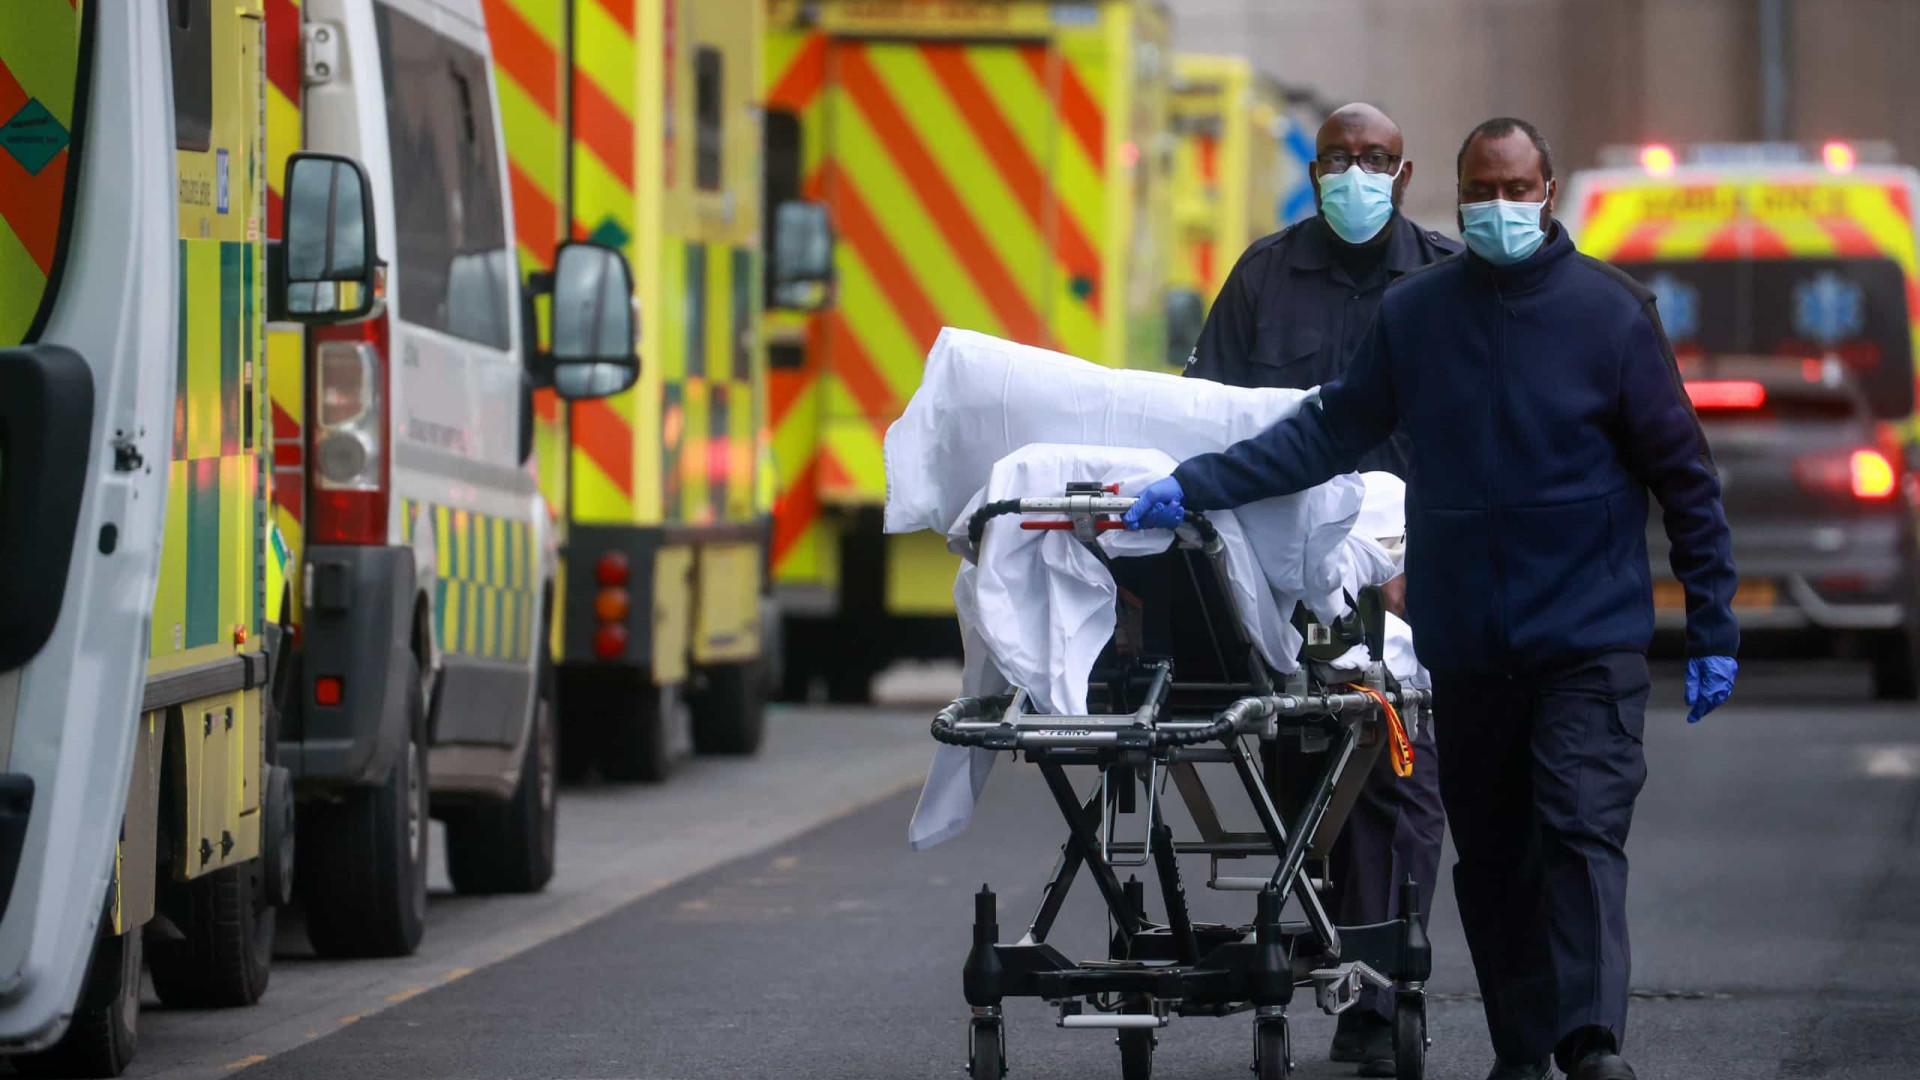 Mais de 46 mil novas infecções e 529 óbitos em 24 horas no Reino Unido